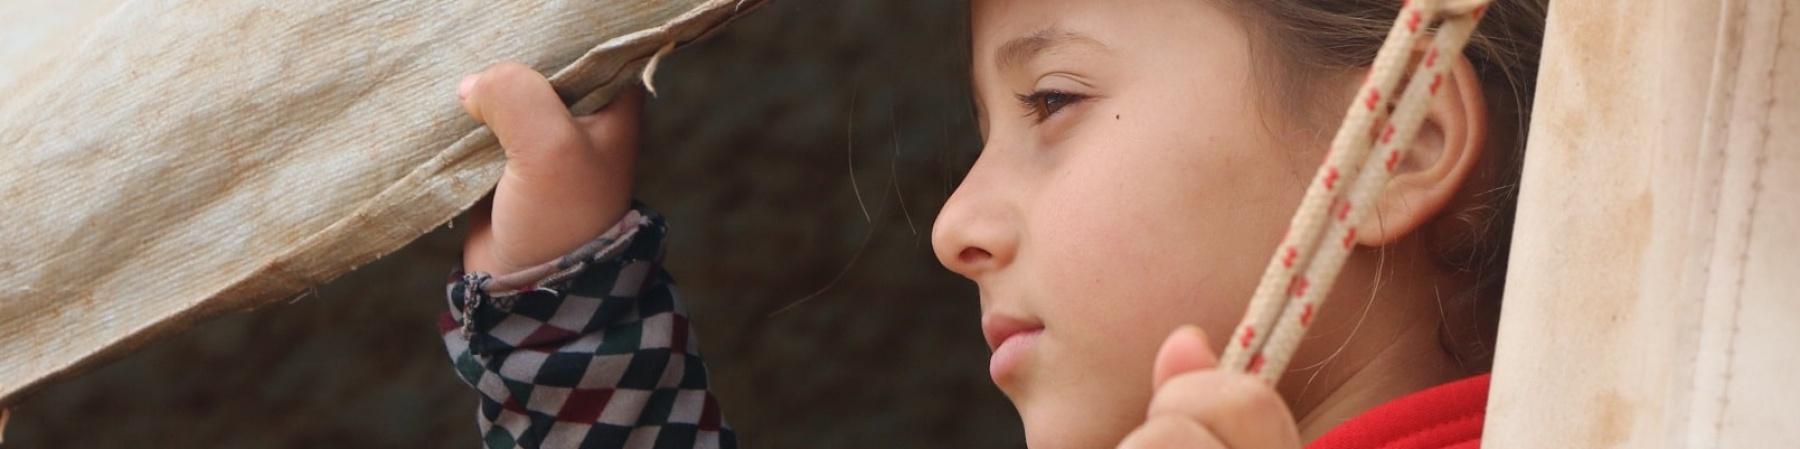 bambina siriana guarda verso sinistra attraverso una tenda che tiene aperta con una mano